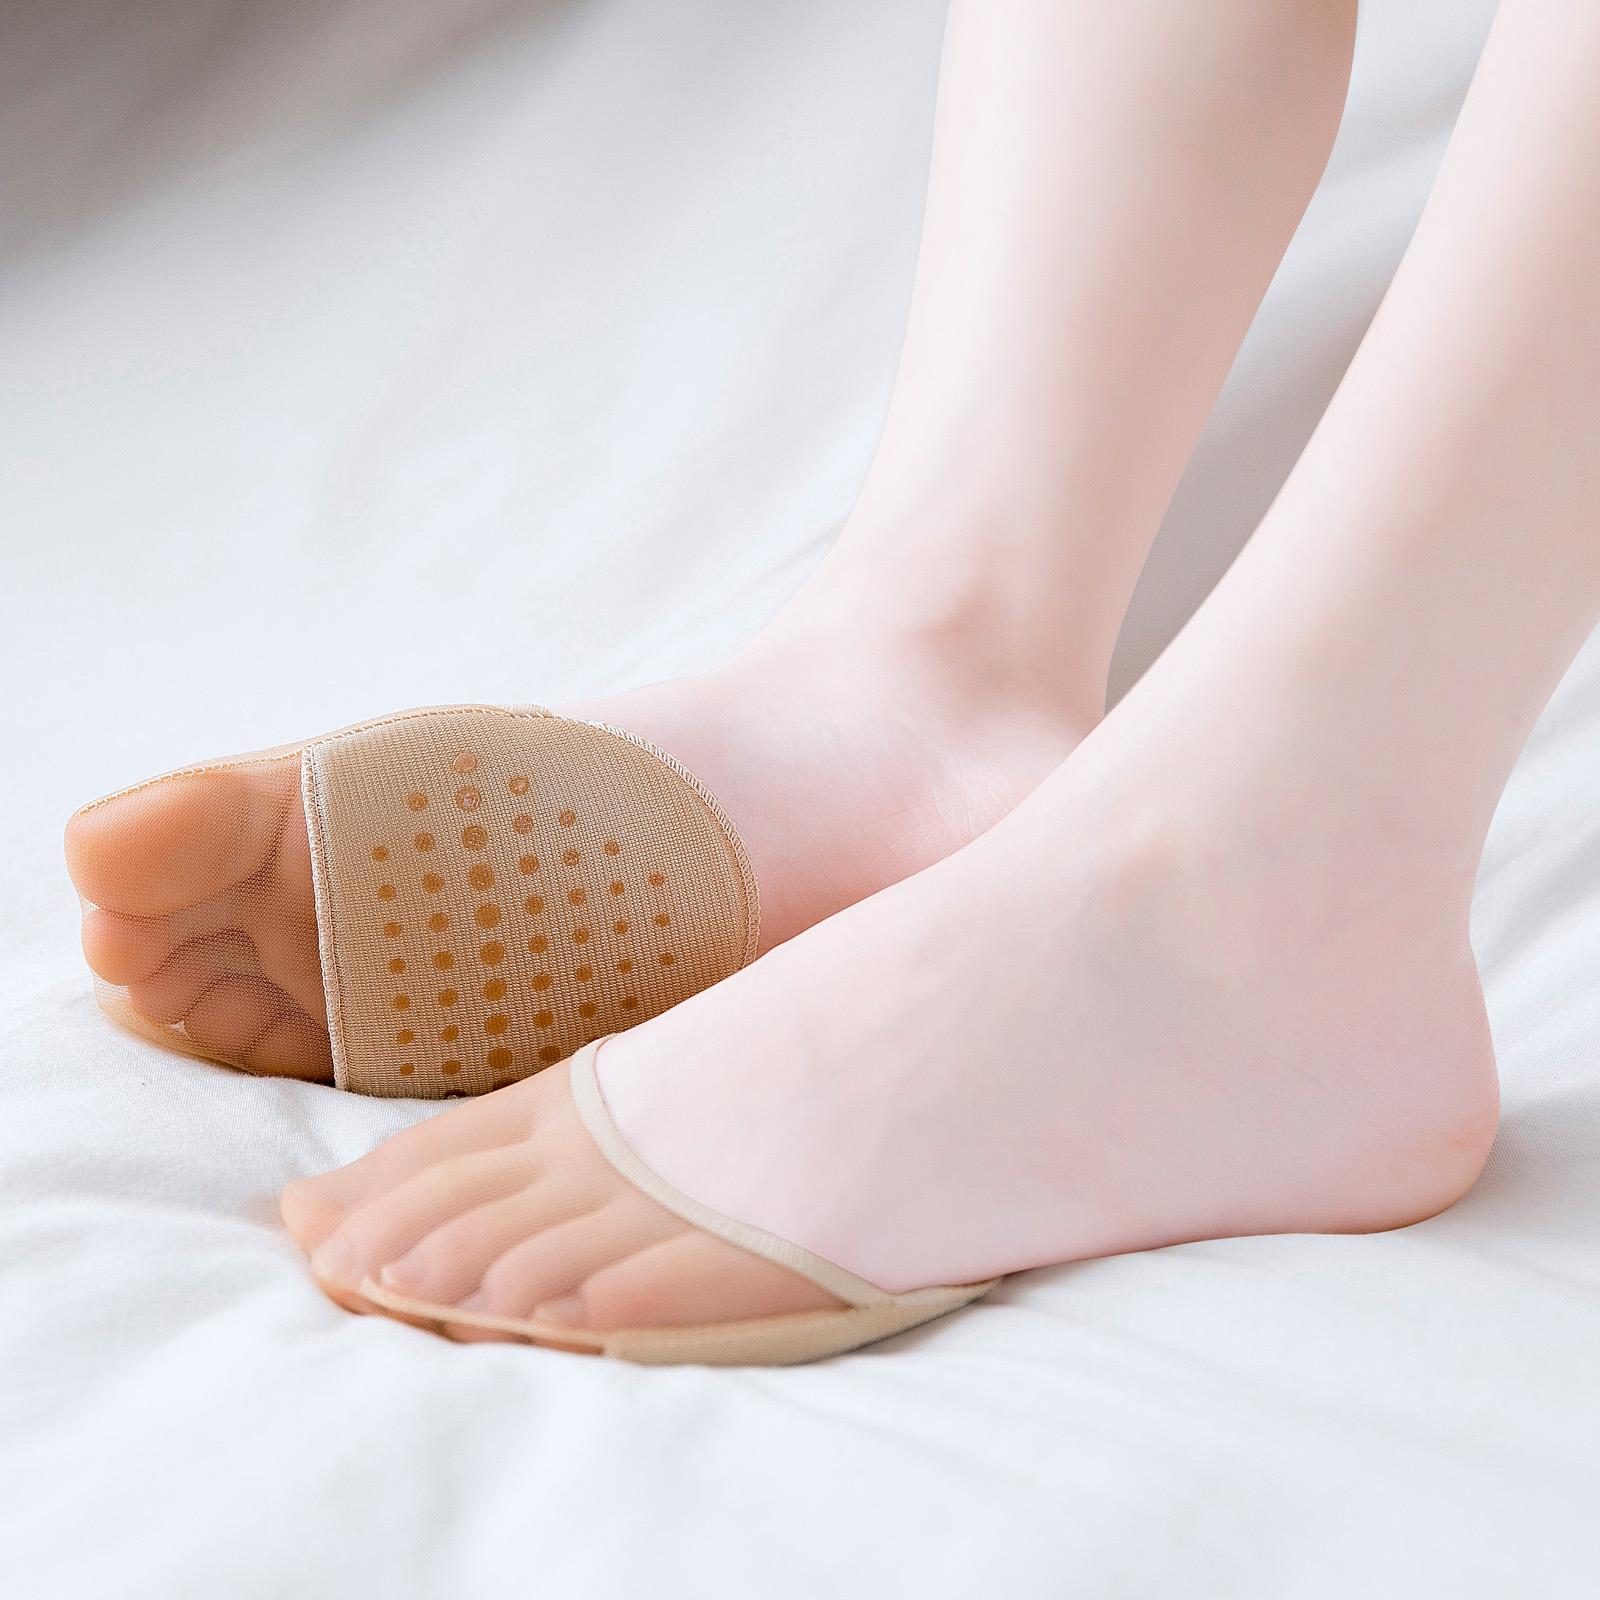 半拖鞋袜子凉鞋高跟鞋女袜前脚掌袜半掌袜全隐形薄款半截防痛减压